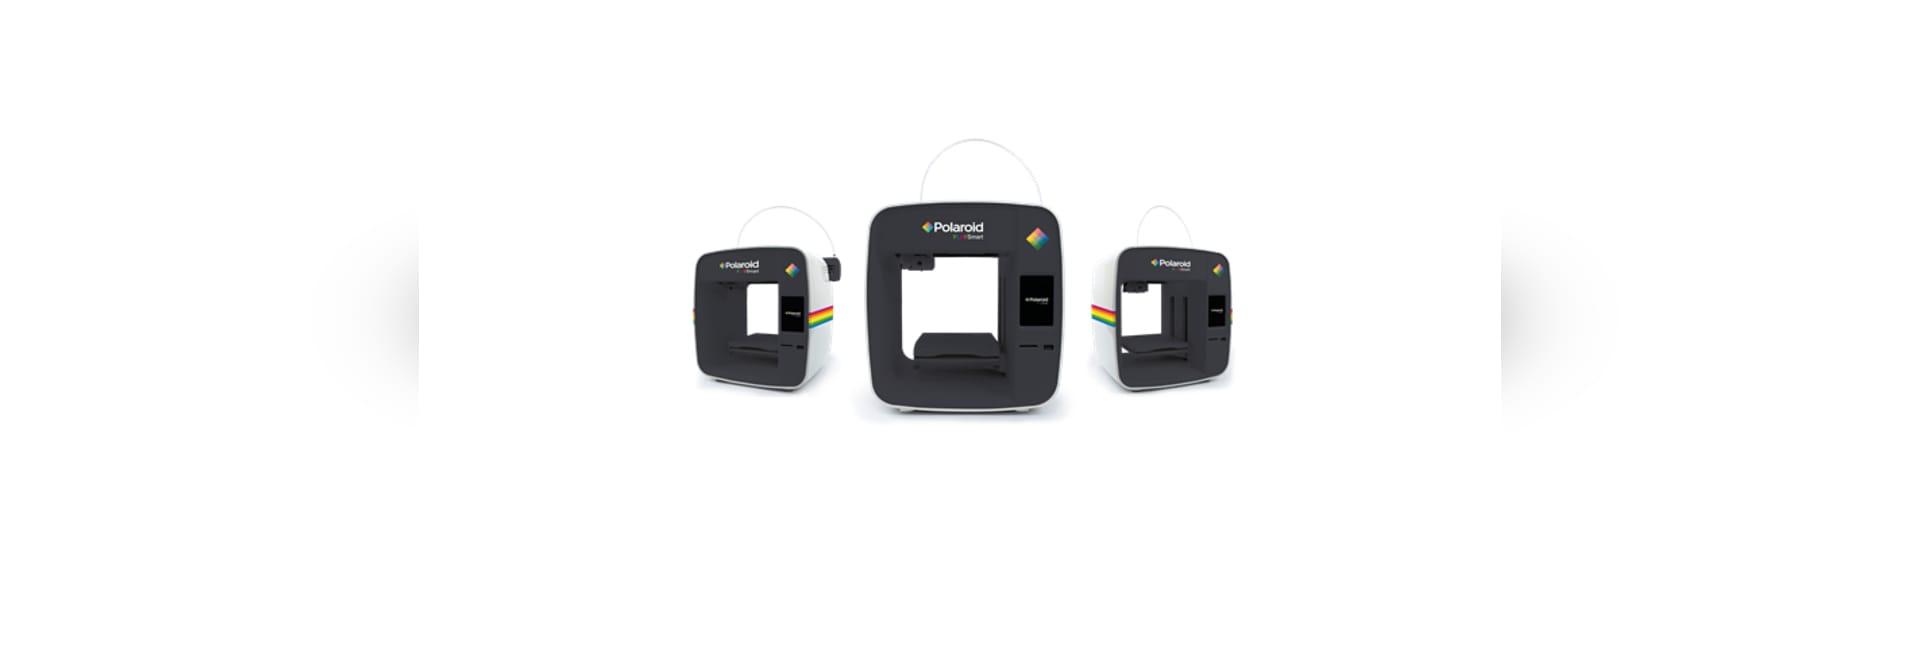 Polaroid stellt Drucker PlaySmart 3D an CES 2019 vor